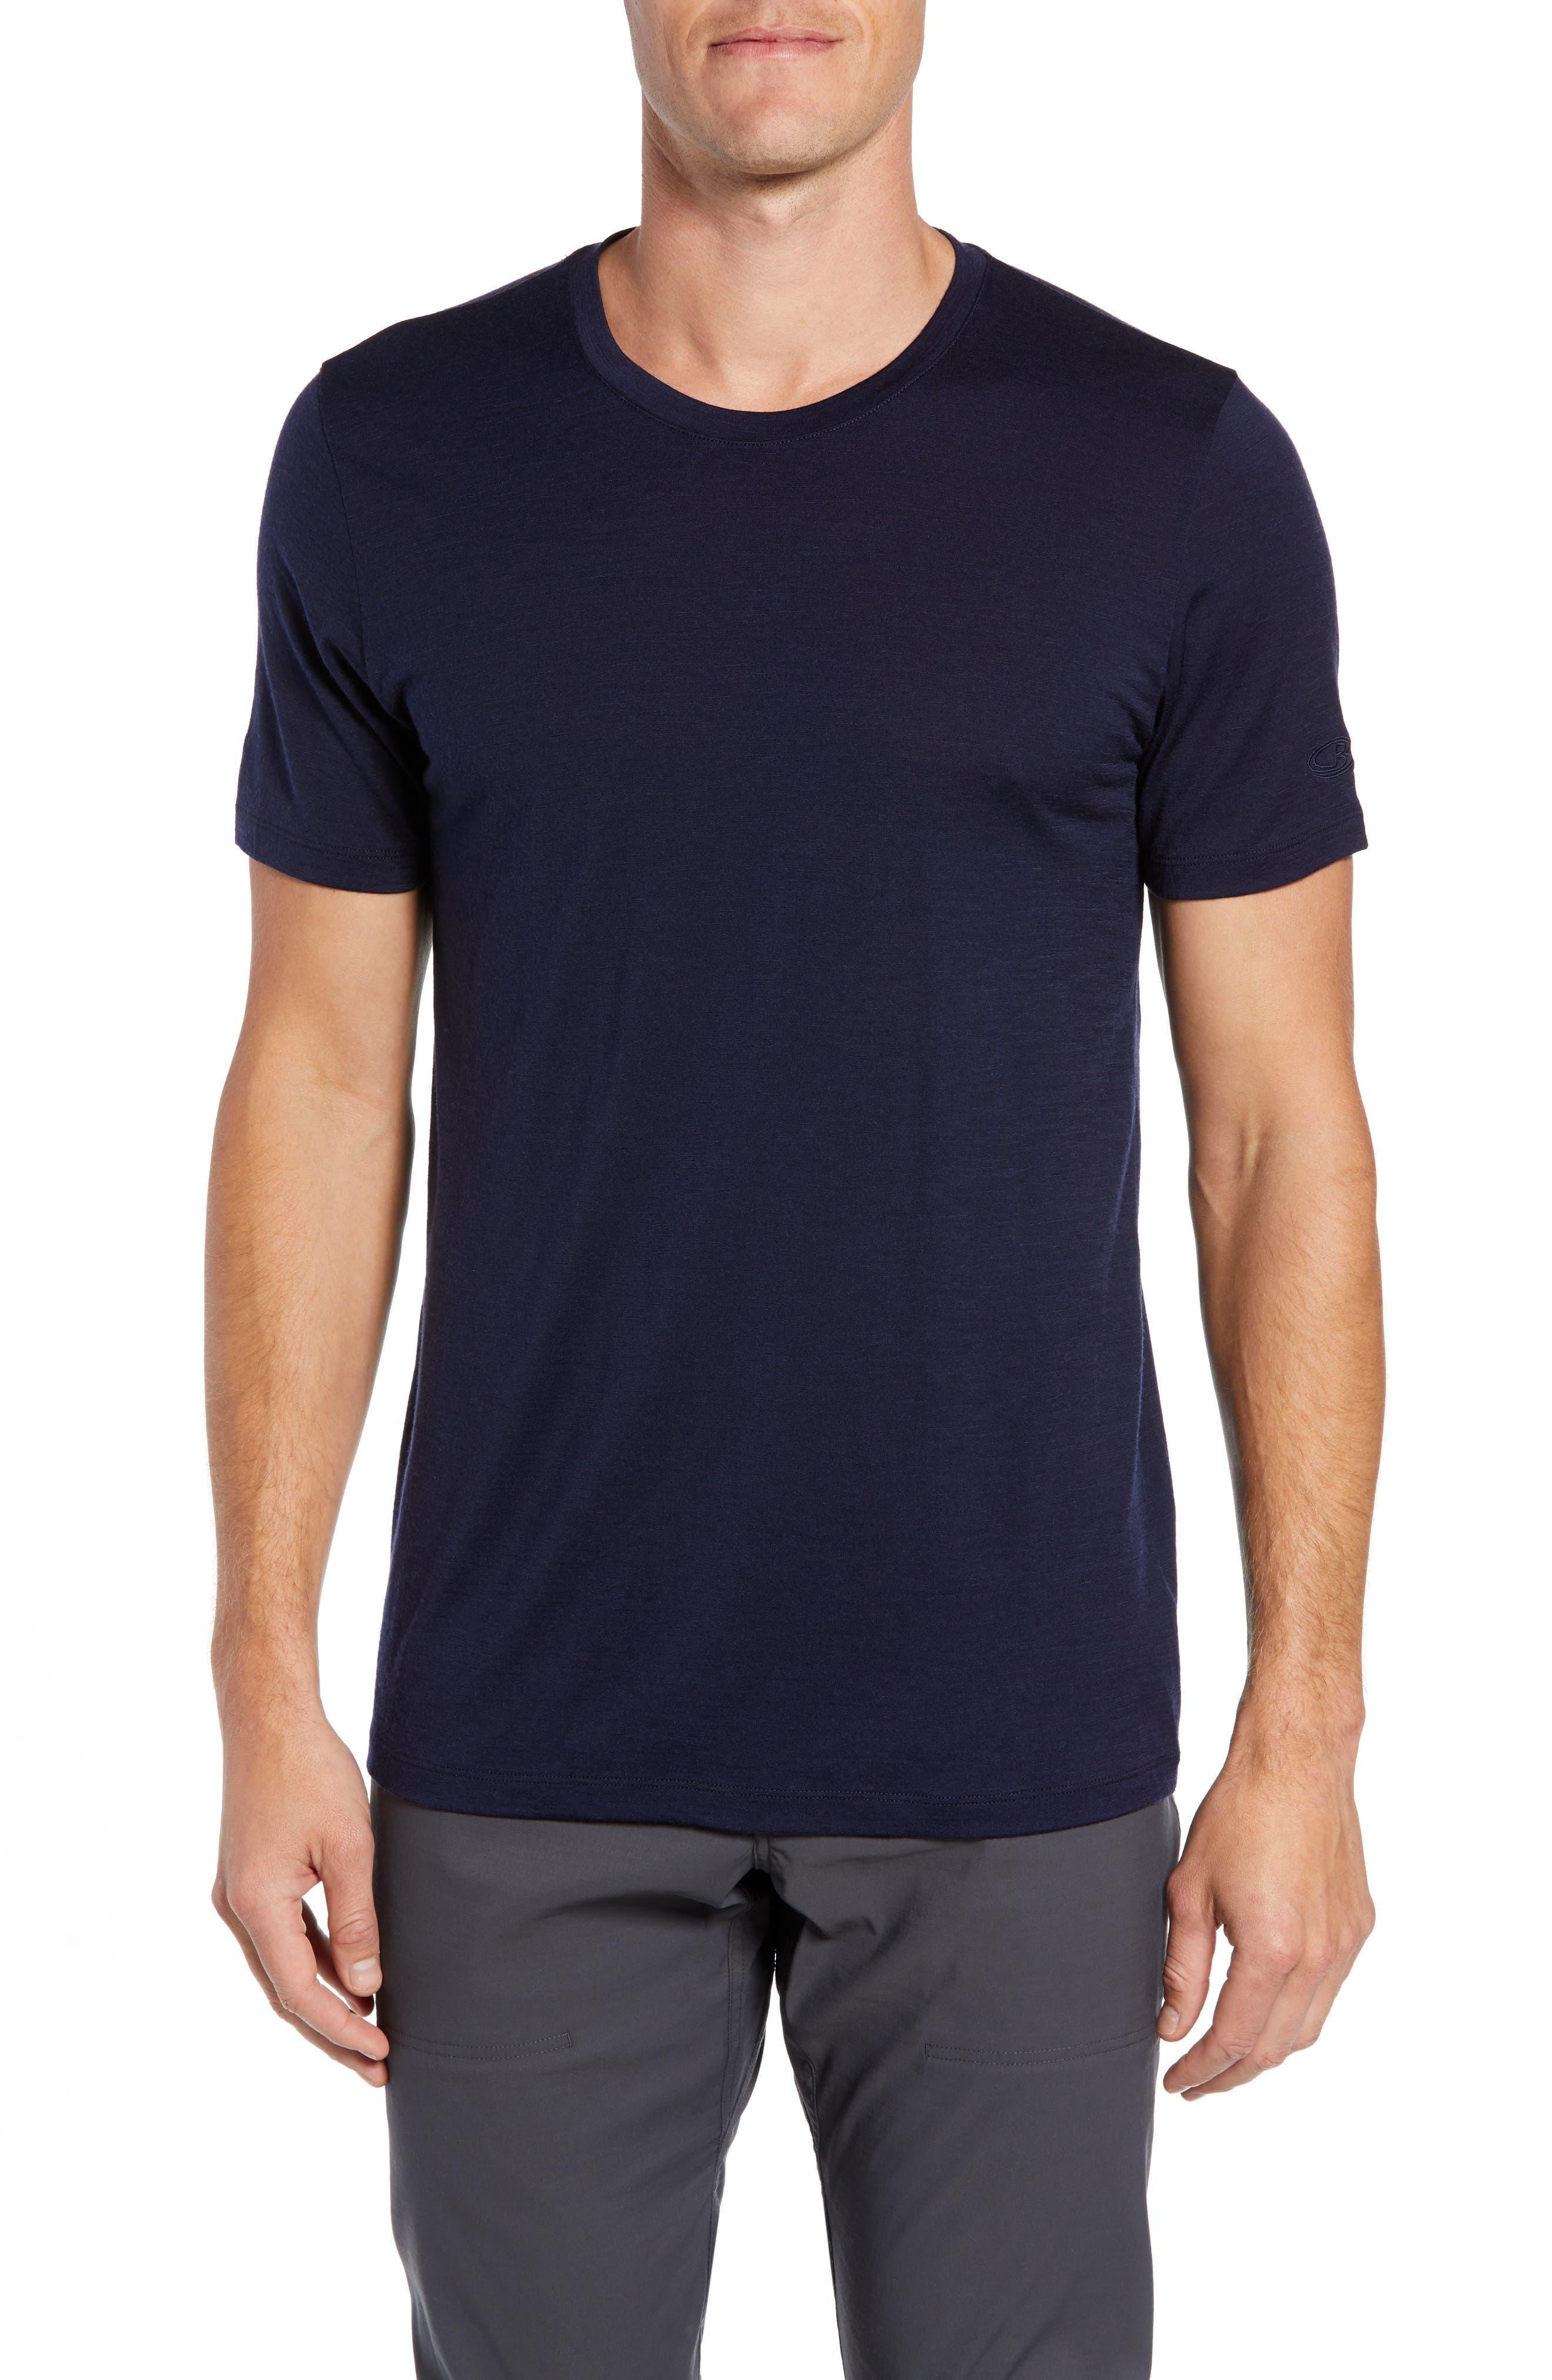 Icebreaker Tech Lite Short Sleeve Crewneck T-Shirt, Blue